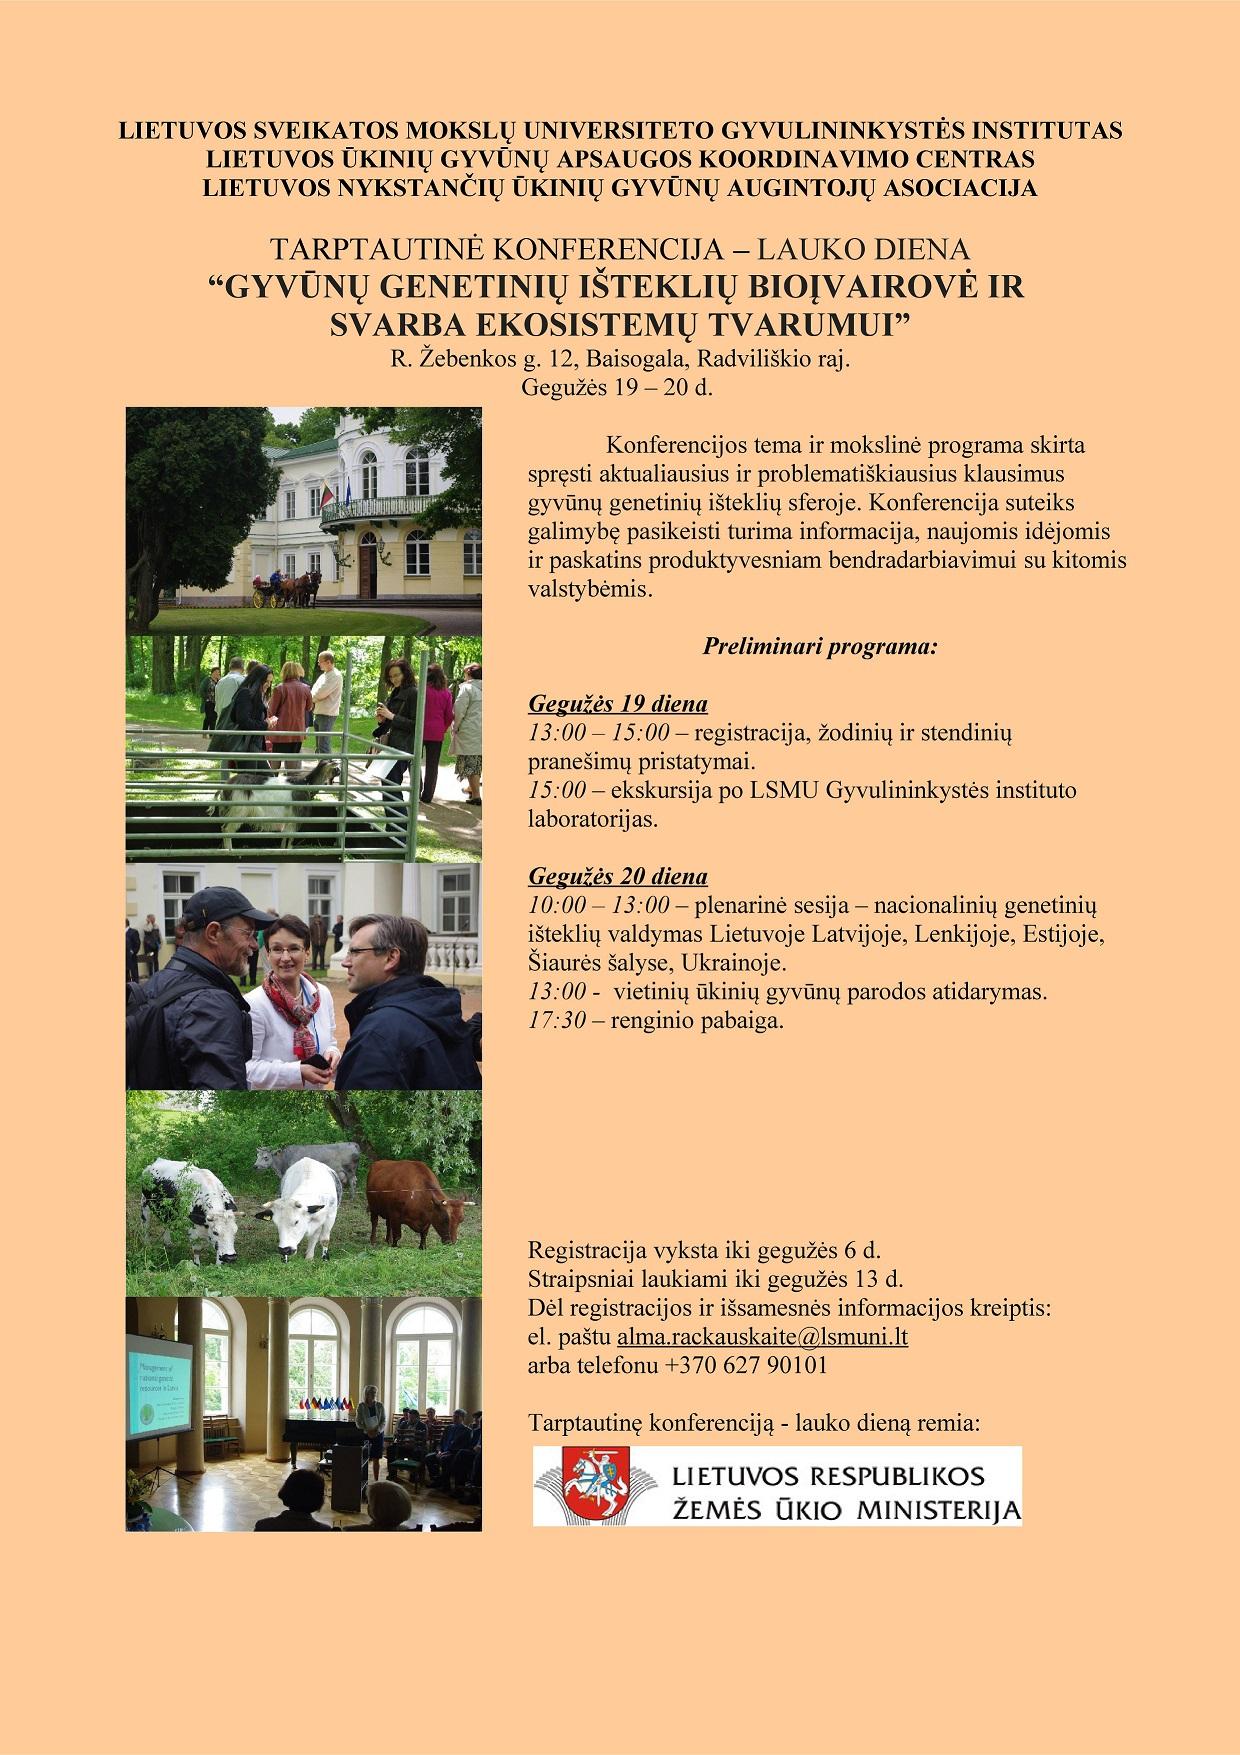 Tarptautinė konferencija - lauko diena 2016